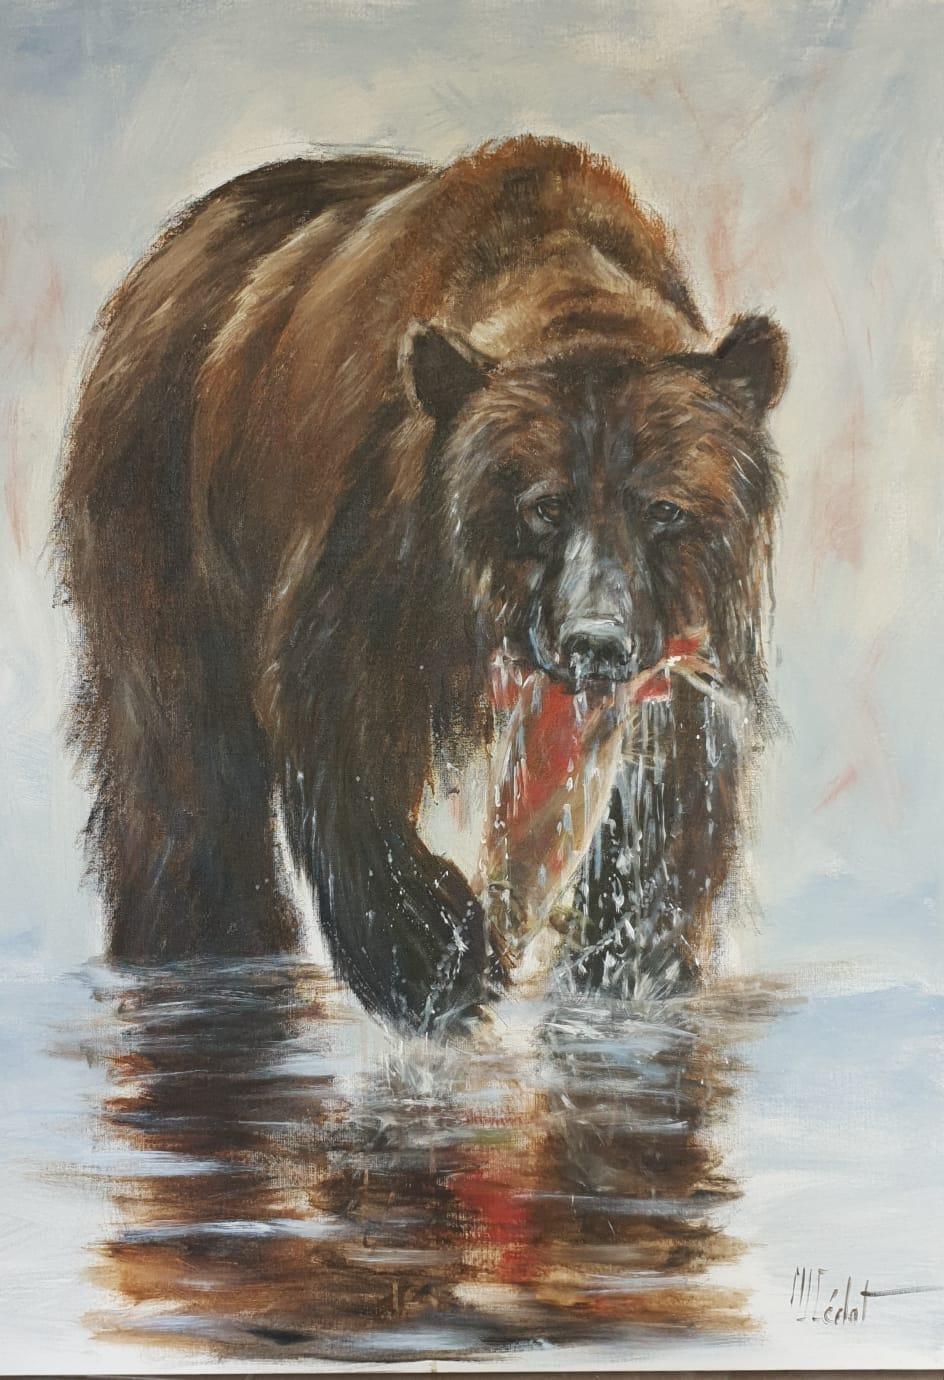 Ours à la pêche - Acrylique sur lin brut - 40 x 40 cm - Marie-Joëlle Cédat artiste animalier peinture animaliere